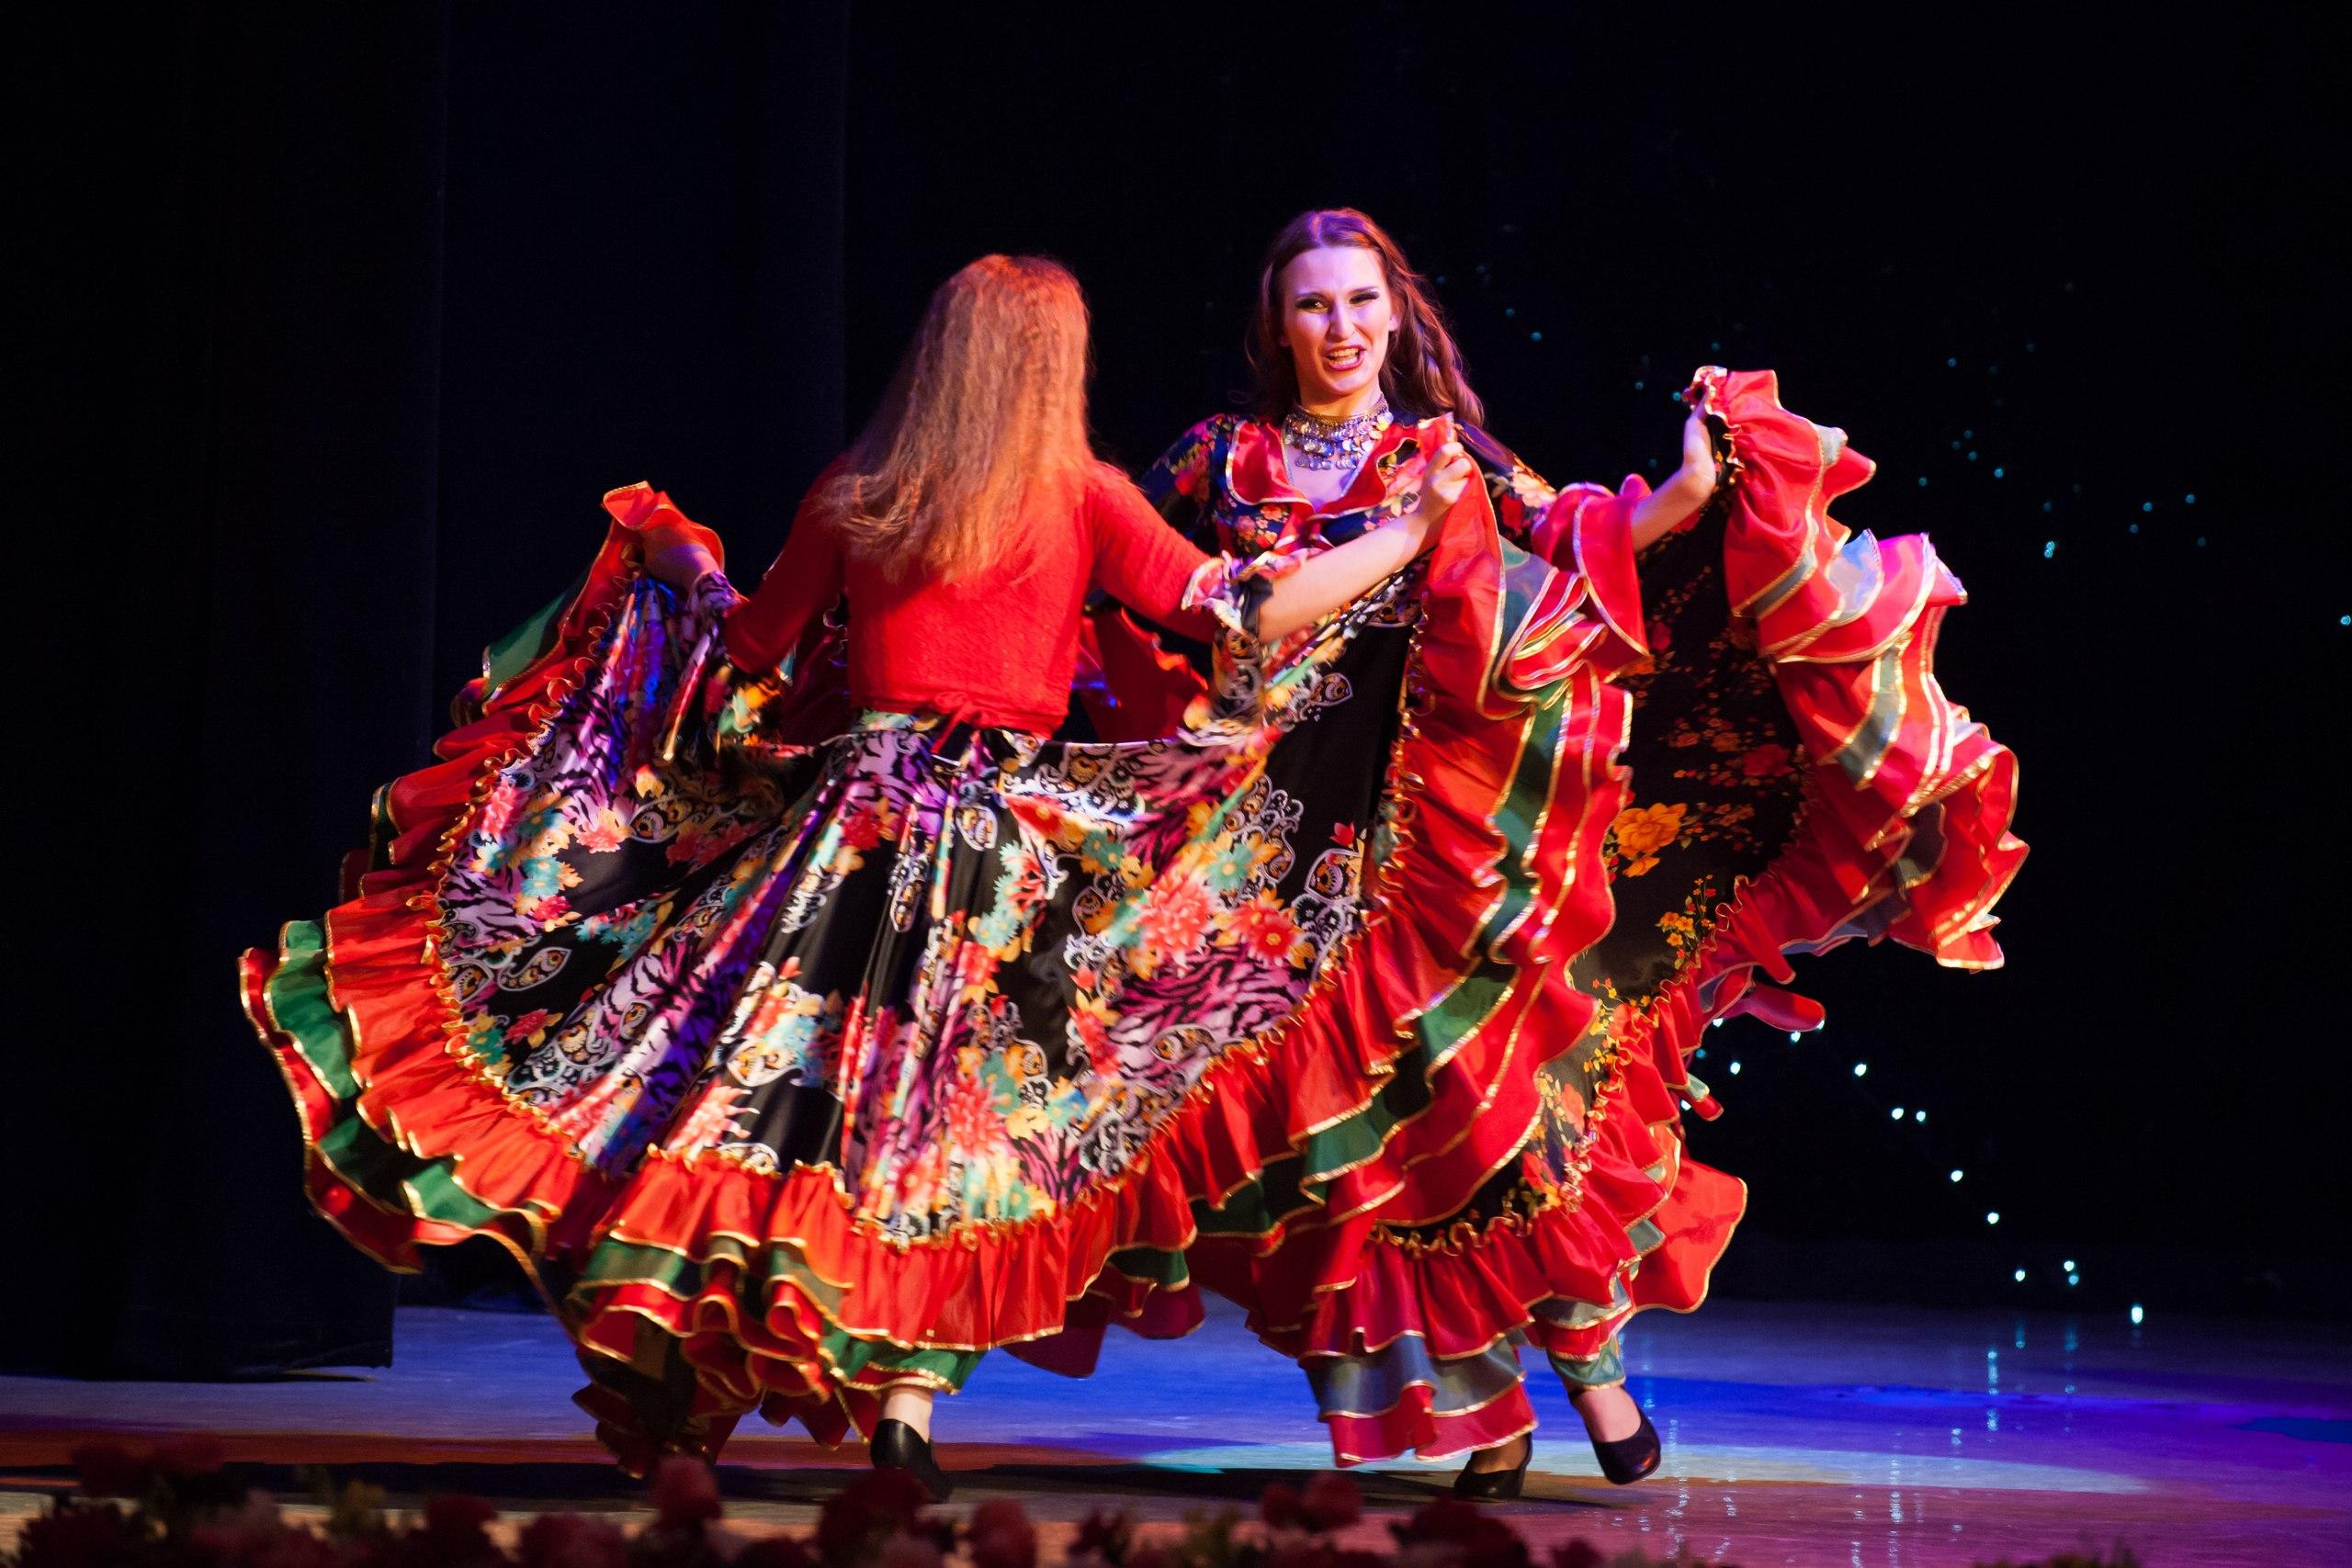 время каждого картинки цыганочка танец разматывания шелковой нити